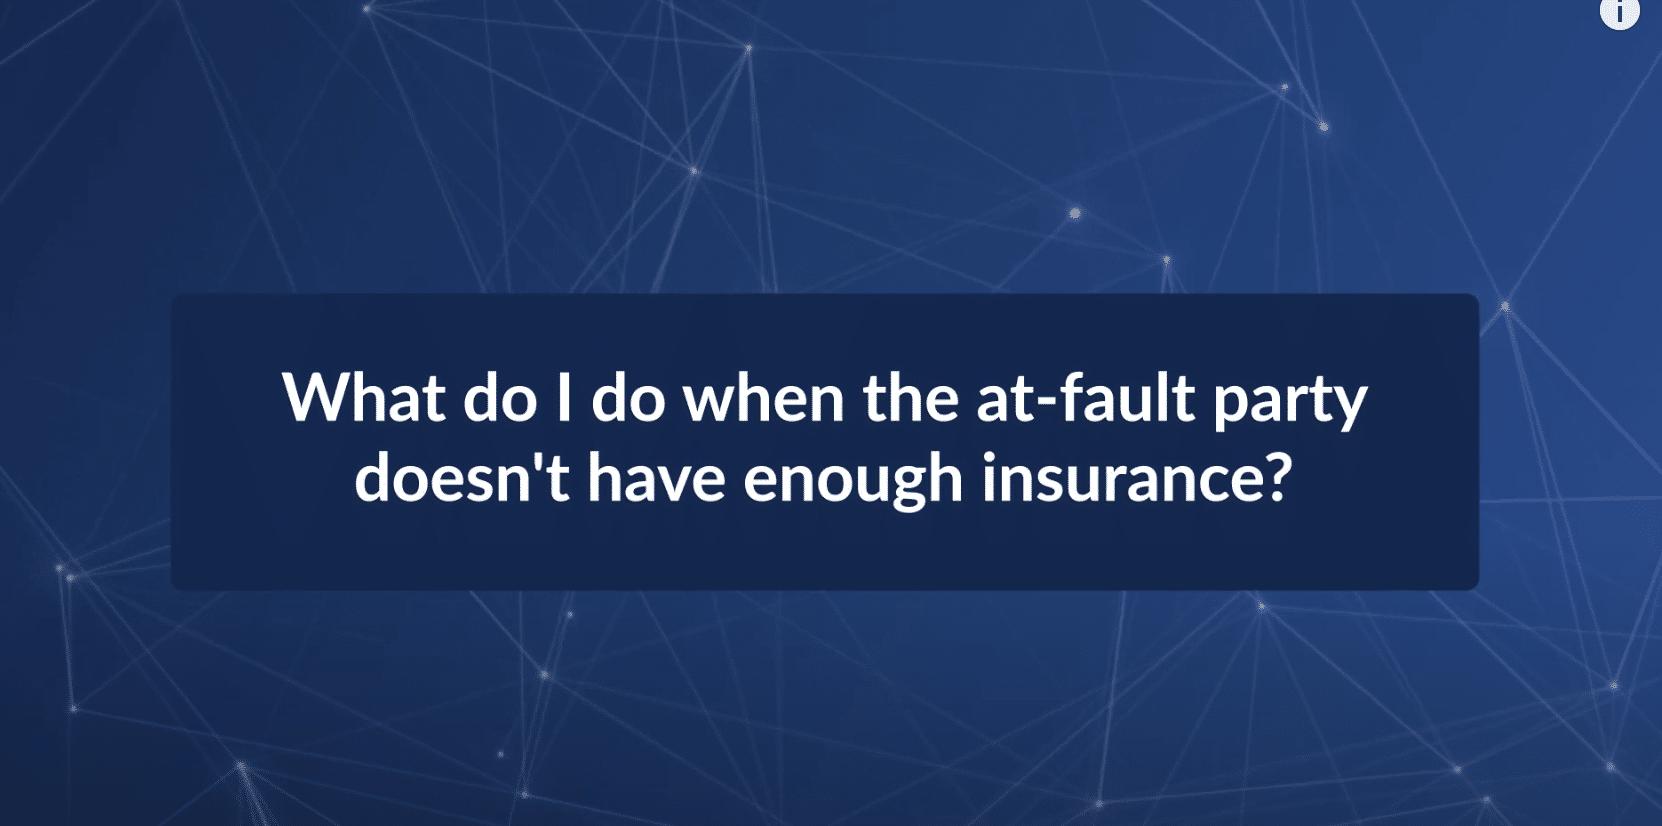 Las Vegas Attorney Chris Burk Discusses Underinsured Motorist Coverage